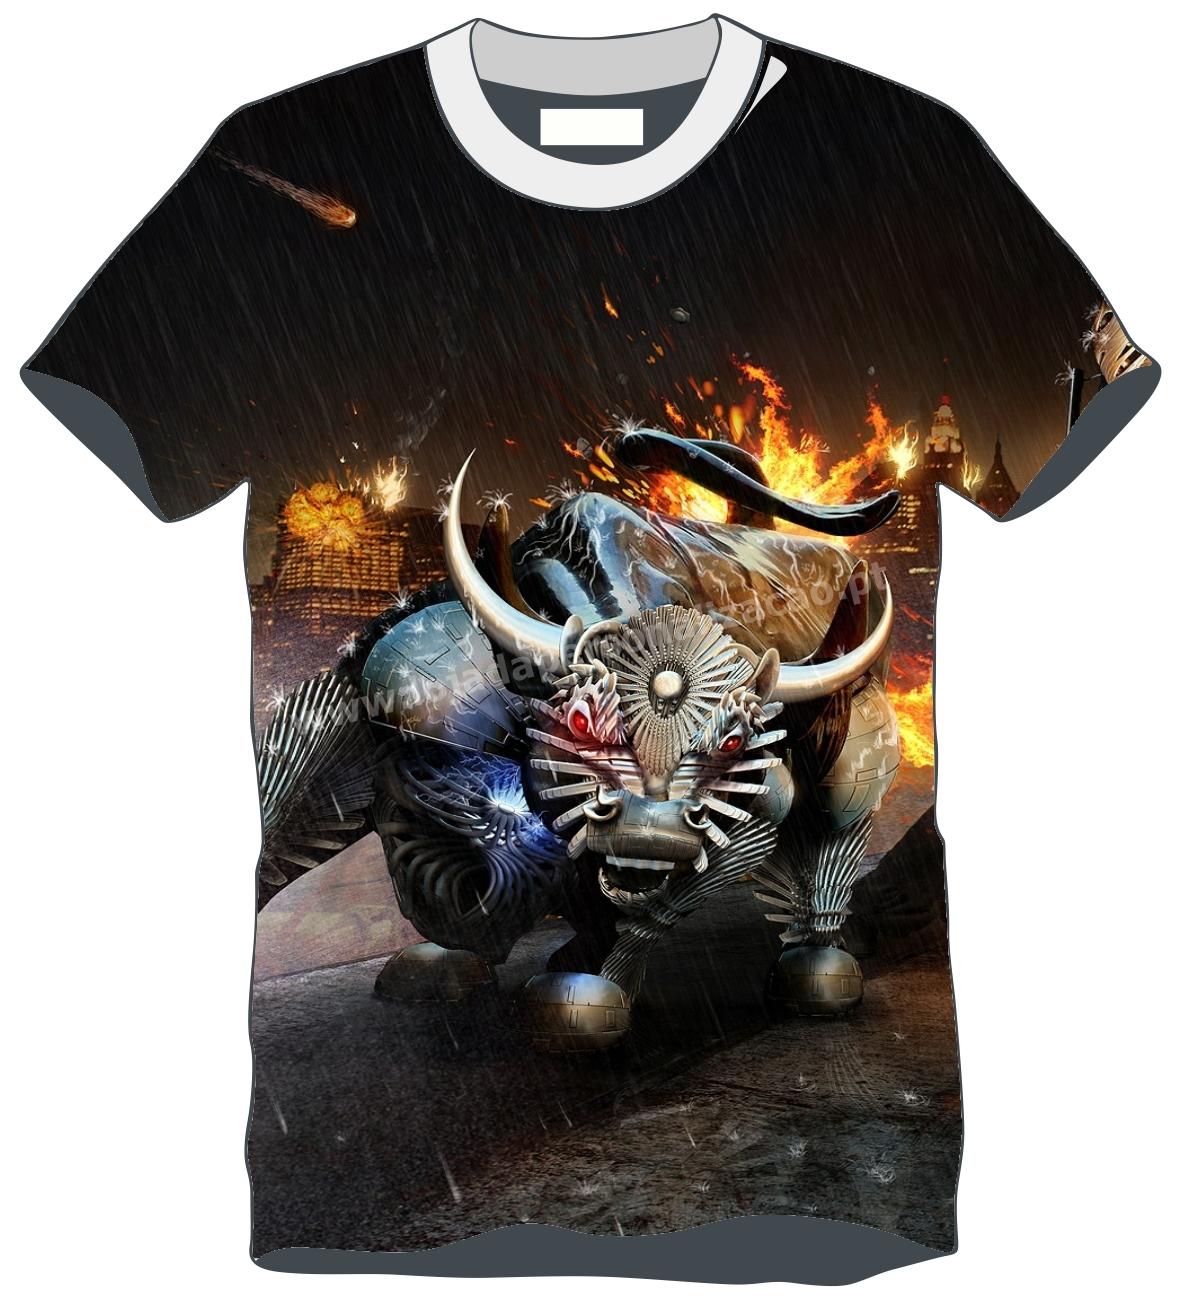 T-Shirt Art (15)